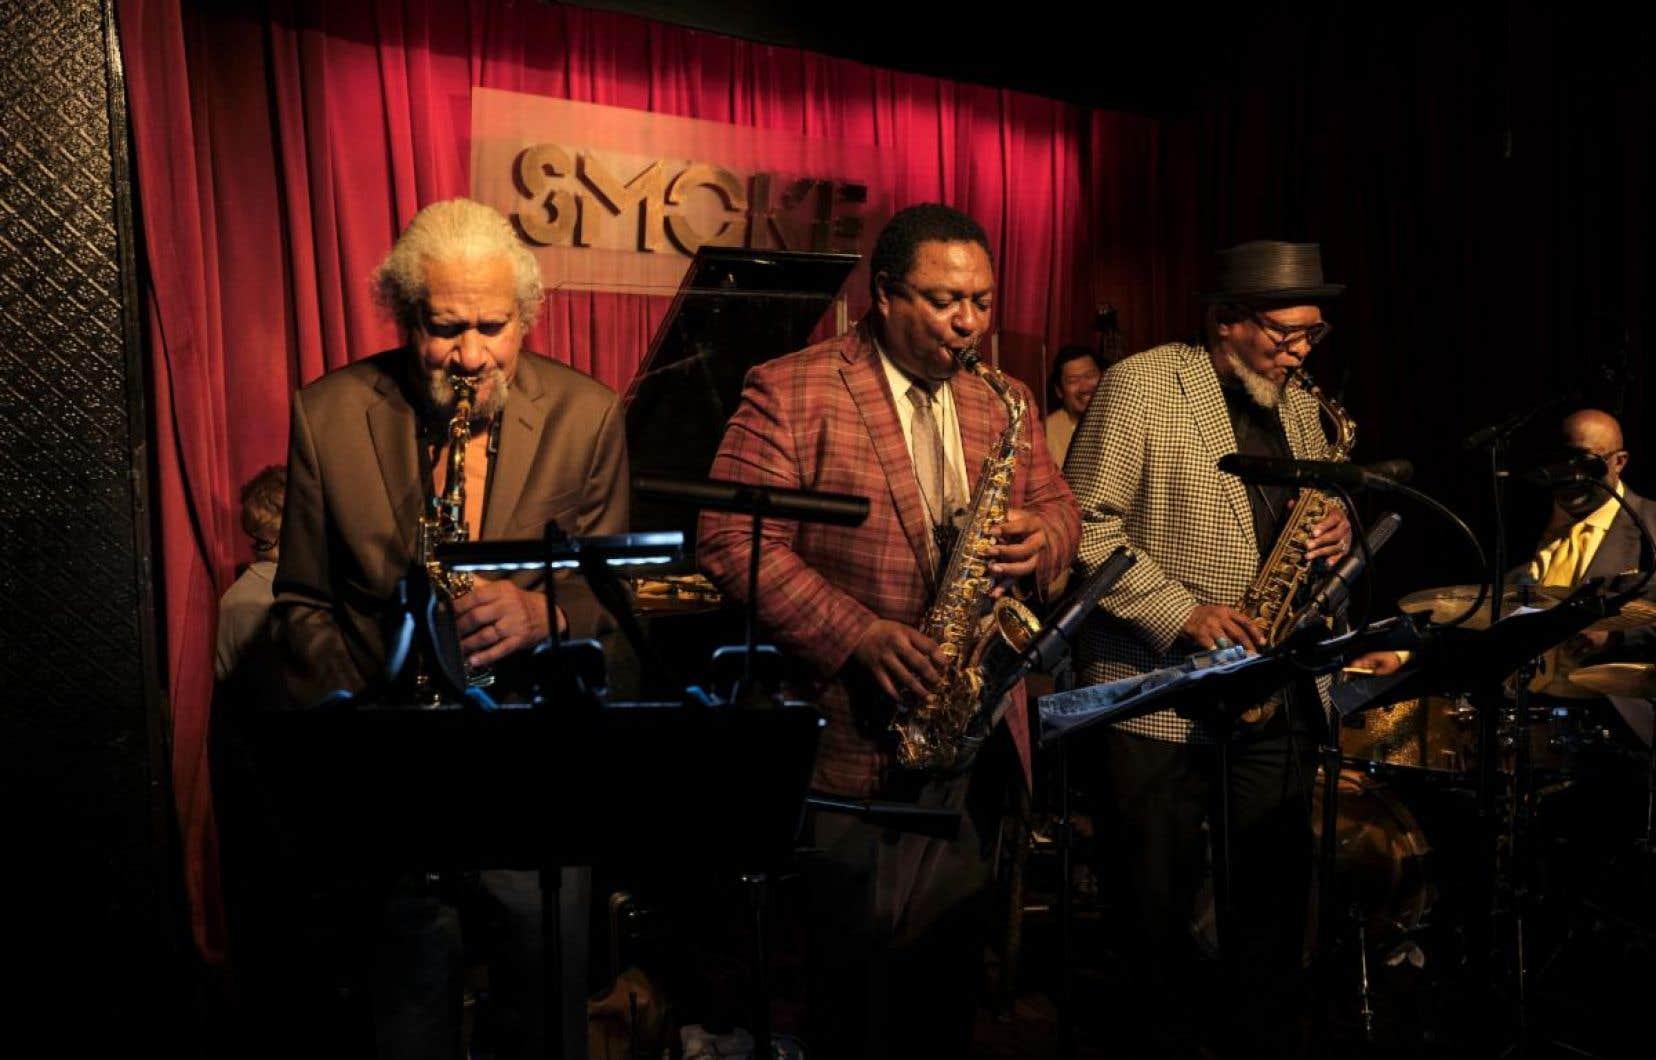 «Bird at 100», qui réunit Bobby Watson, Gary Bartz et Vincent Herring, a été enregistré au club new-yorkais Smoke.